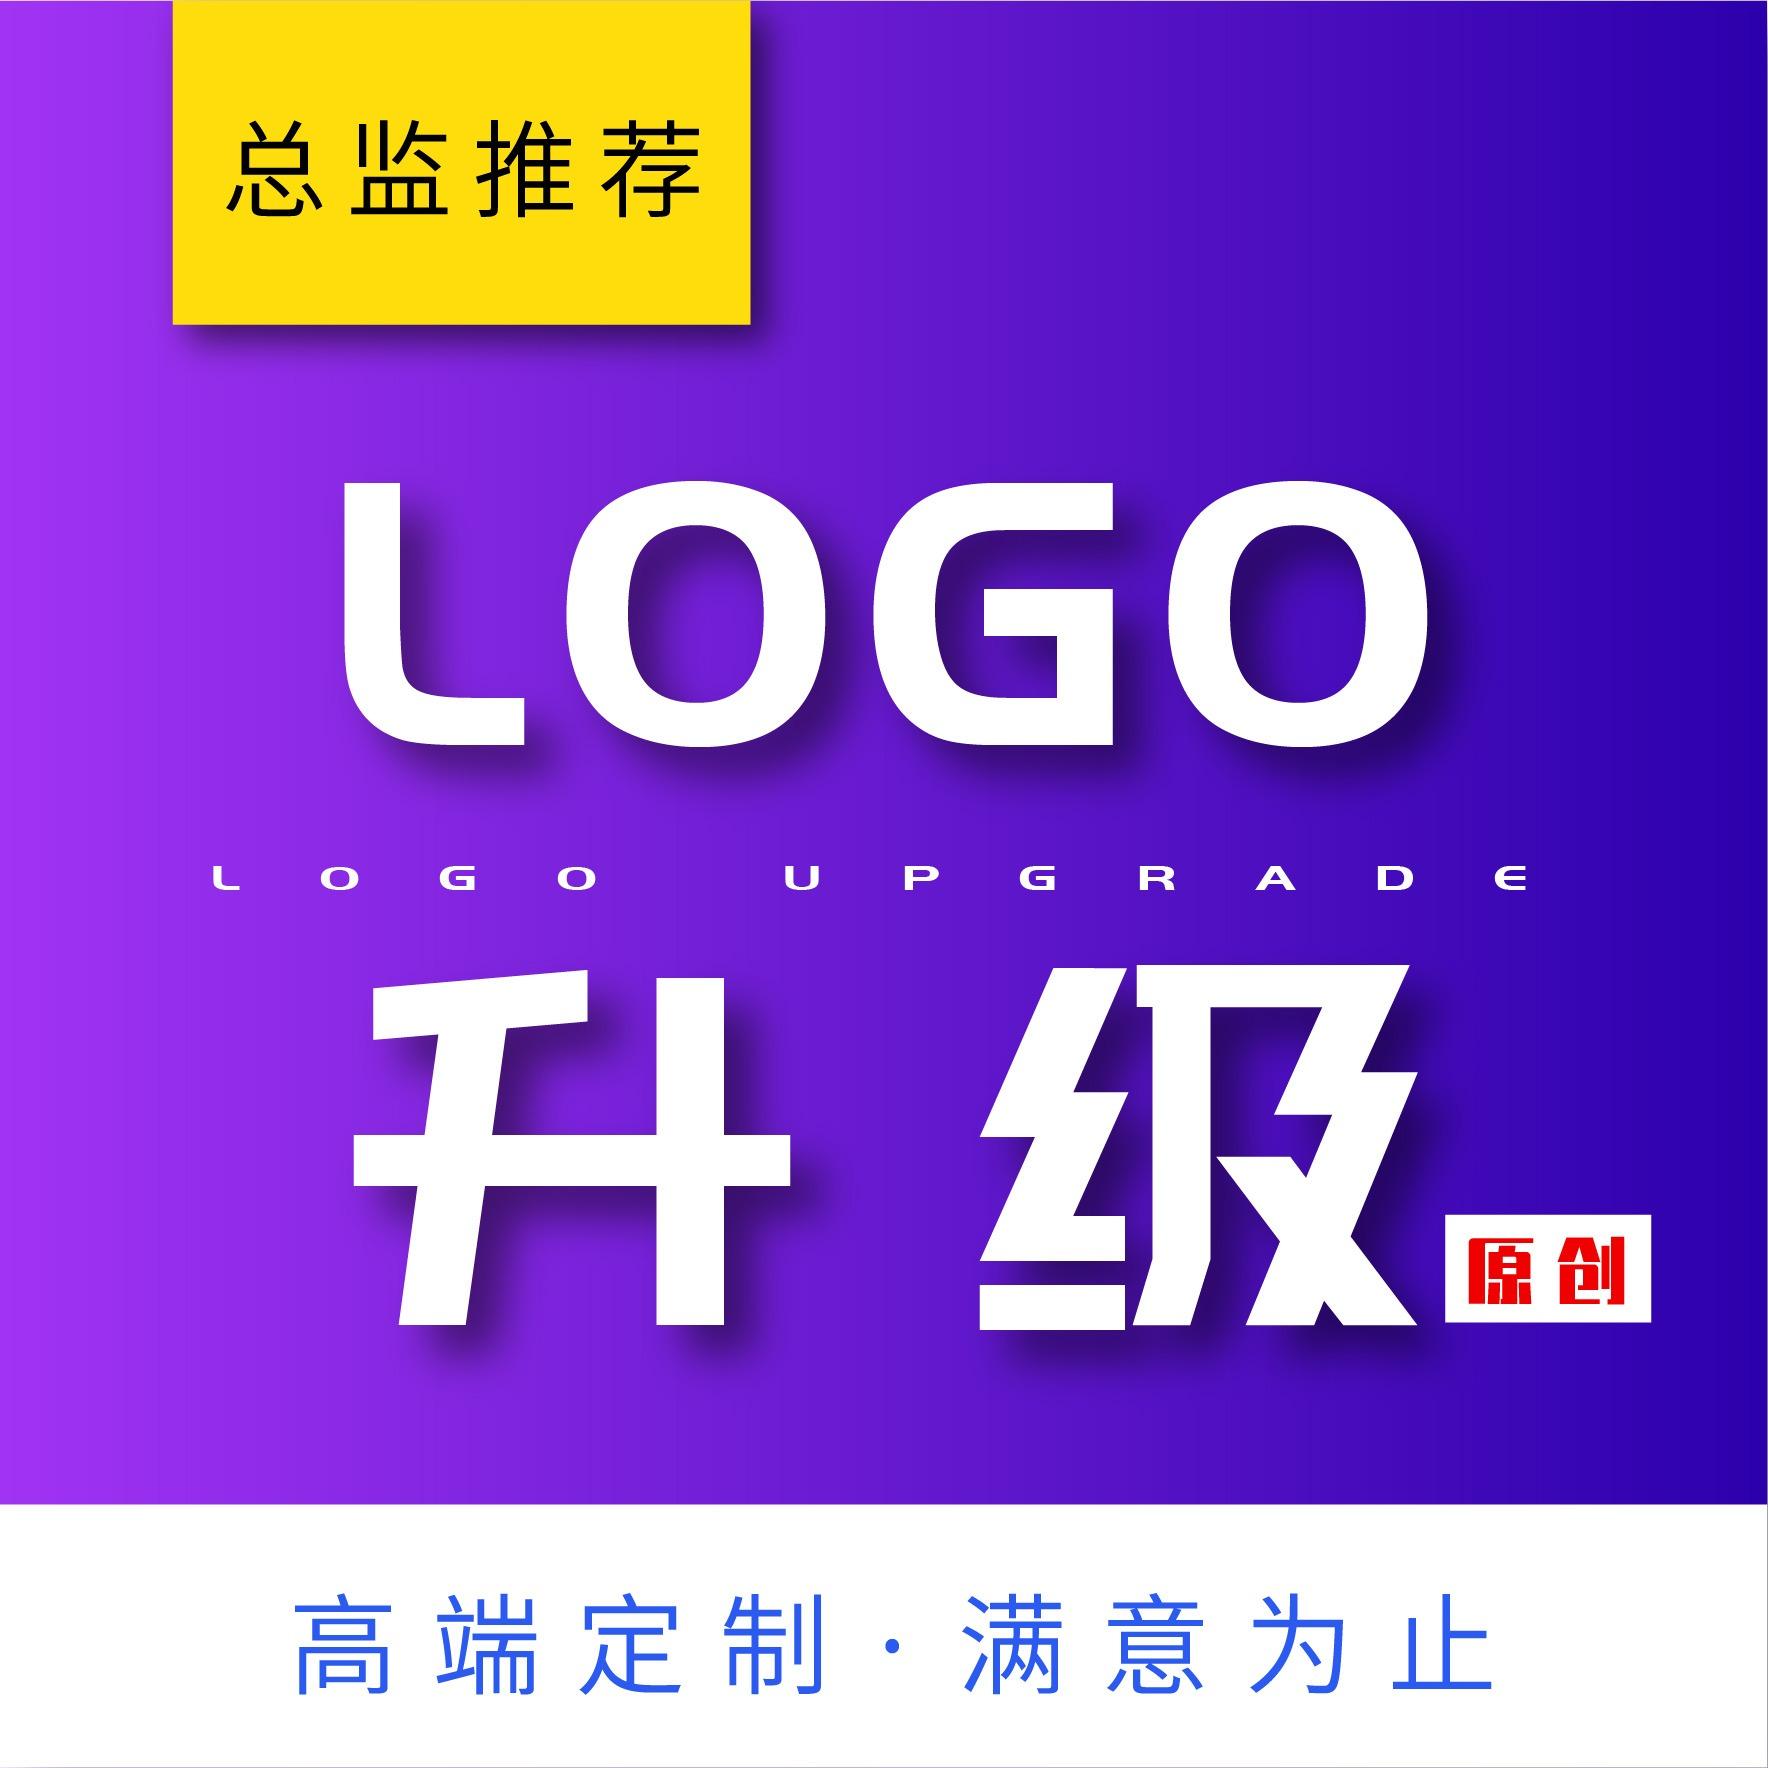 公司企业品牌 logo 设计字体图标色彩整体升级 LOGO 更新